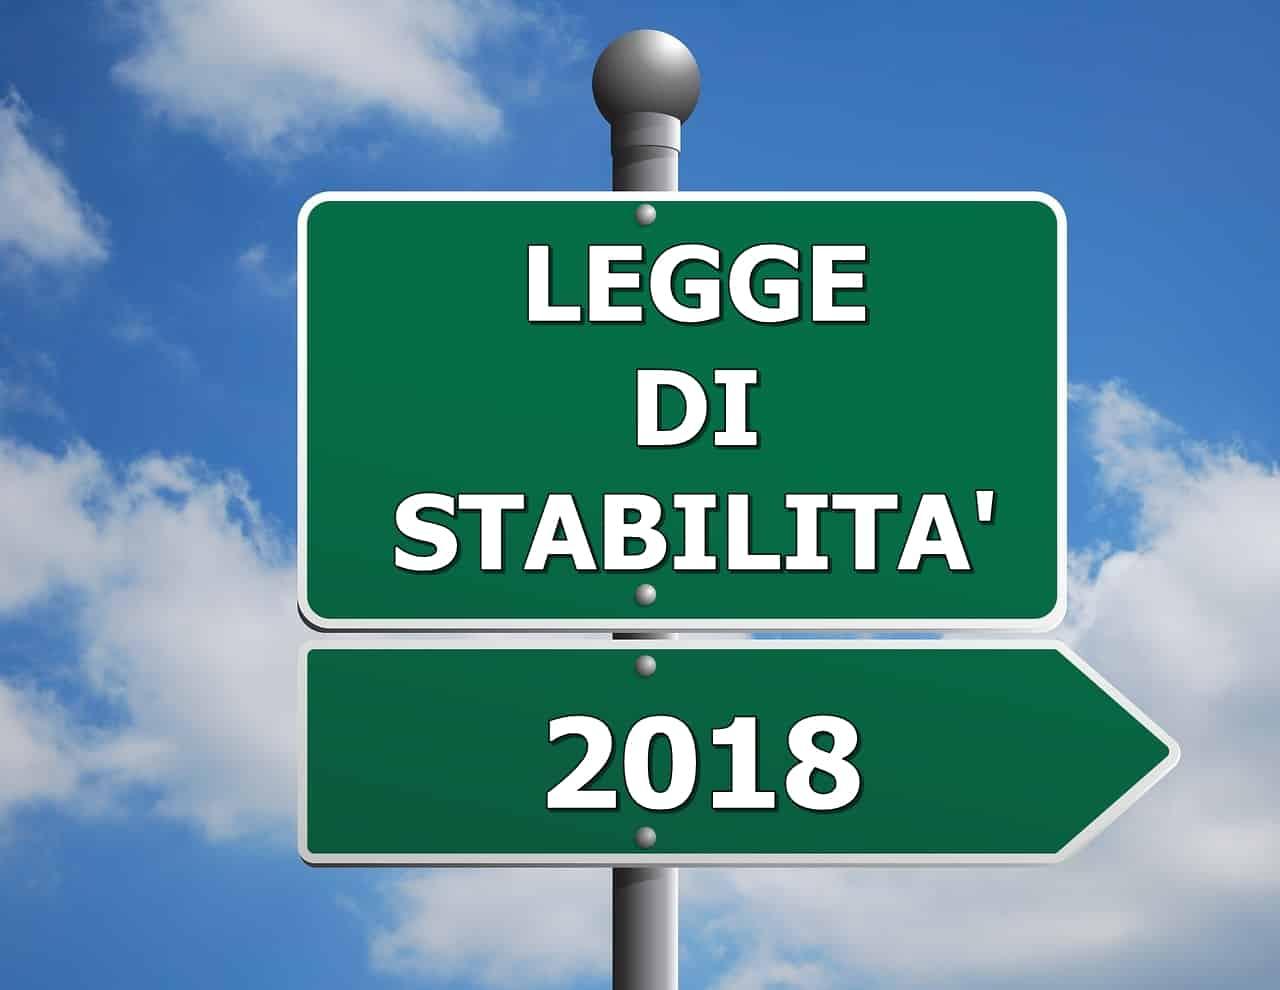 legge di stabilità 2018